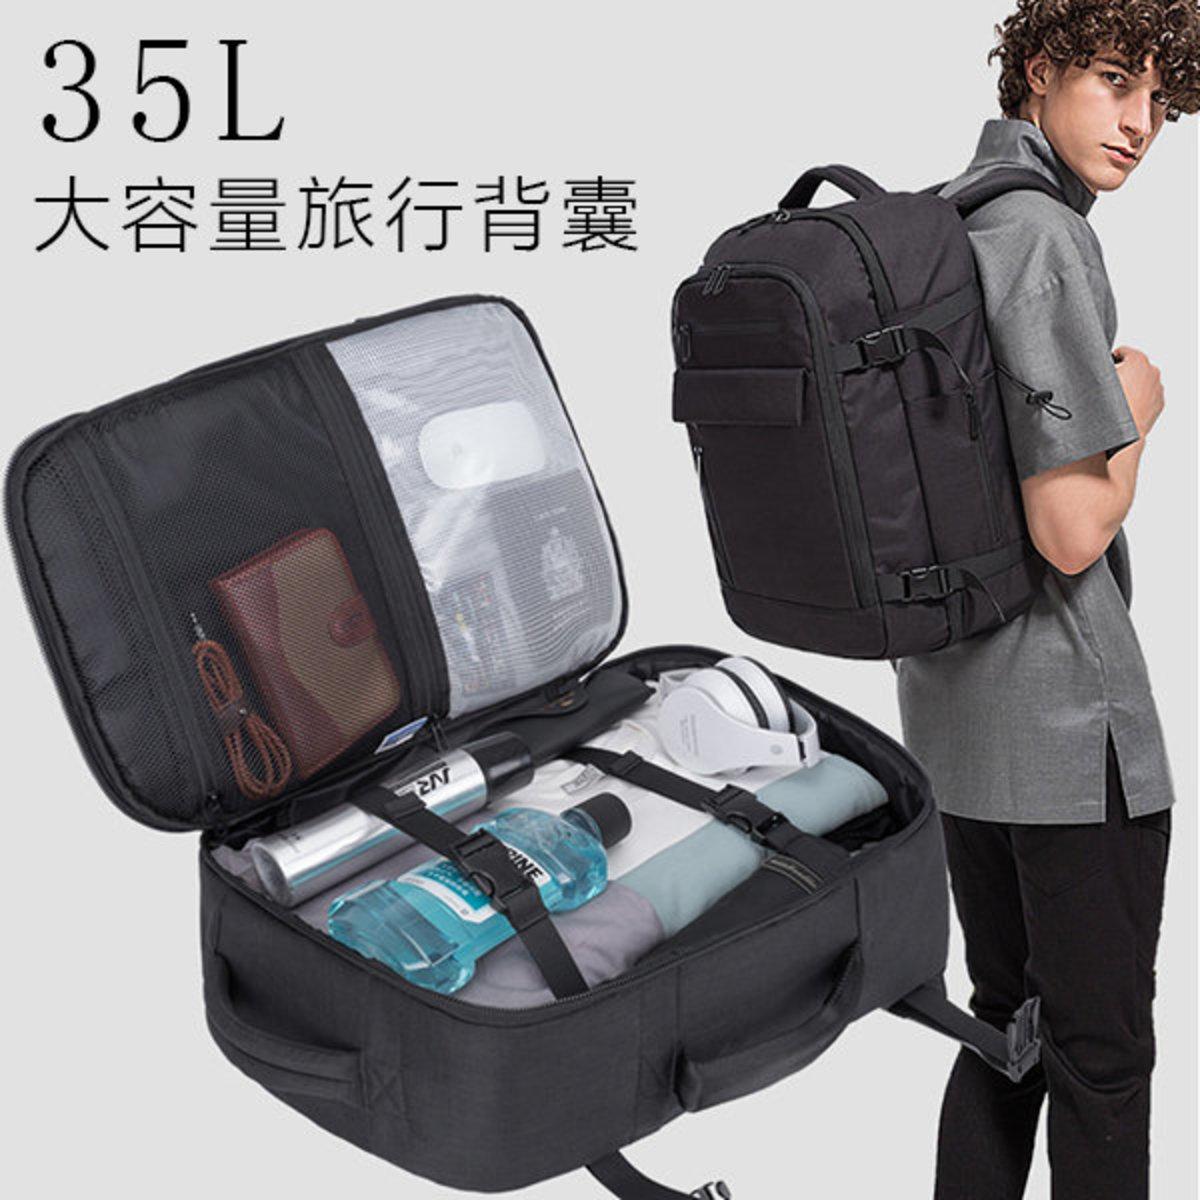 BANGE超大容量旅行背囊背包